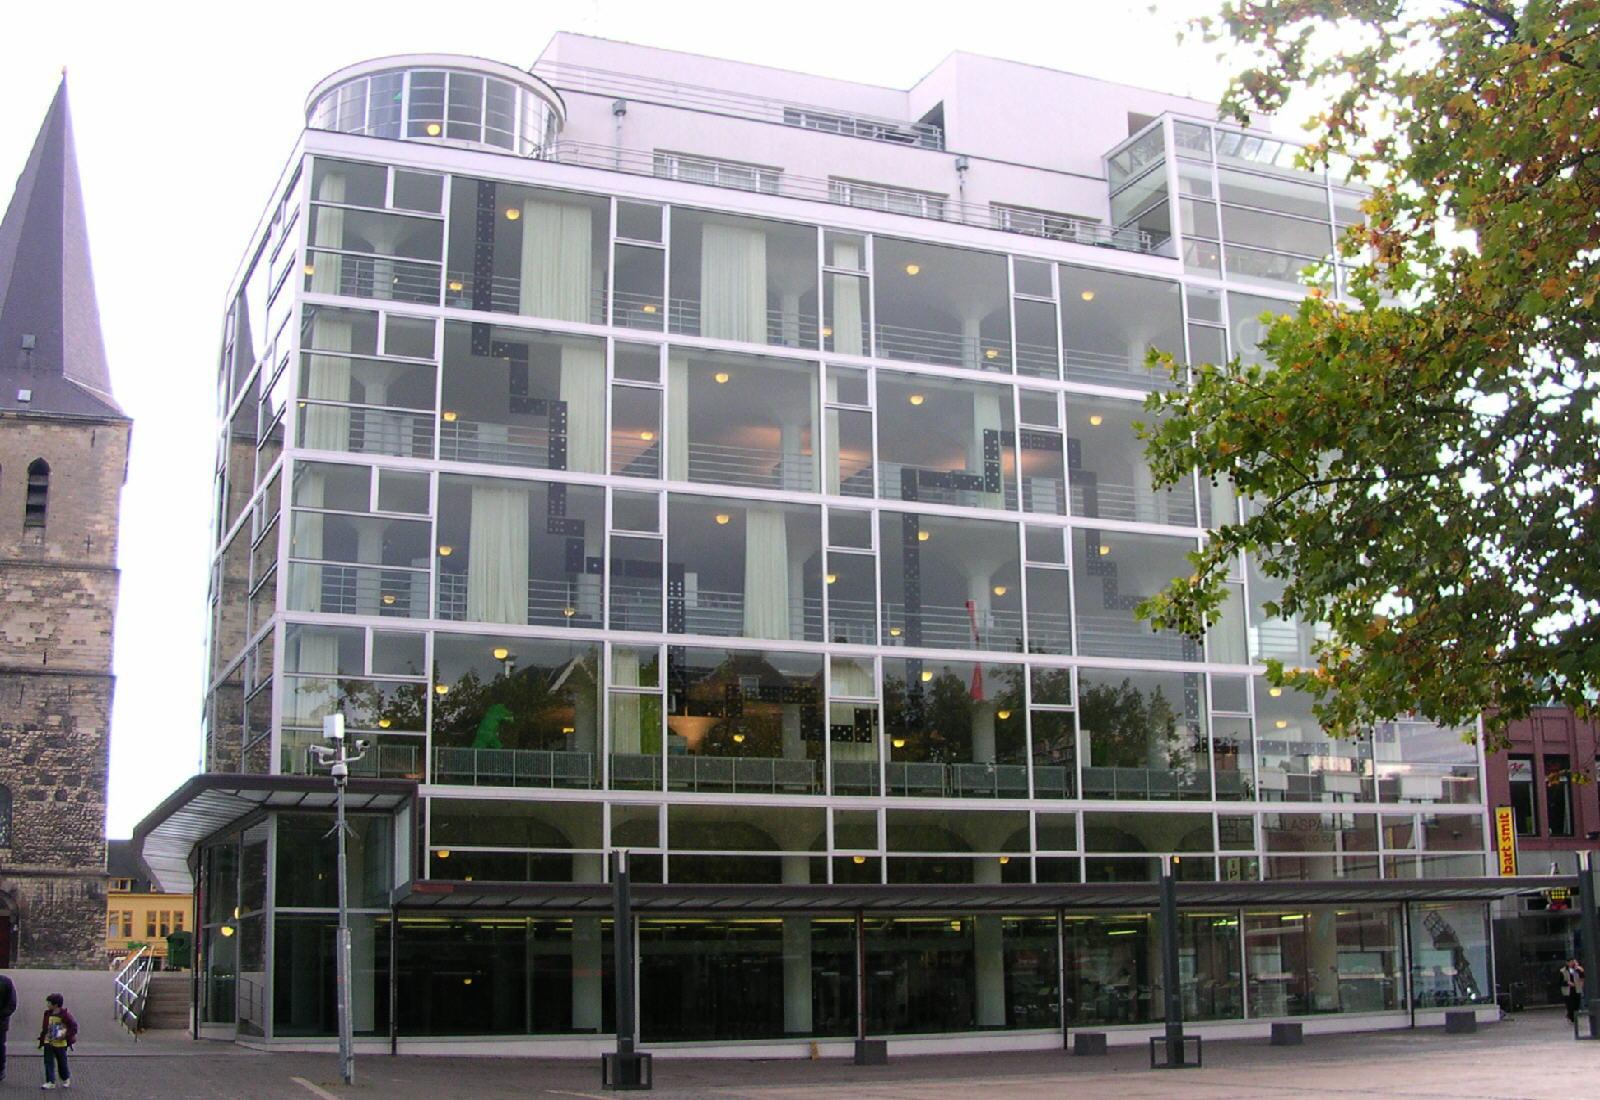 File:Heerlen Kerk en Glaspaleis.jpg - Wikimedia Commons